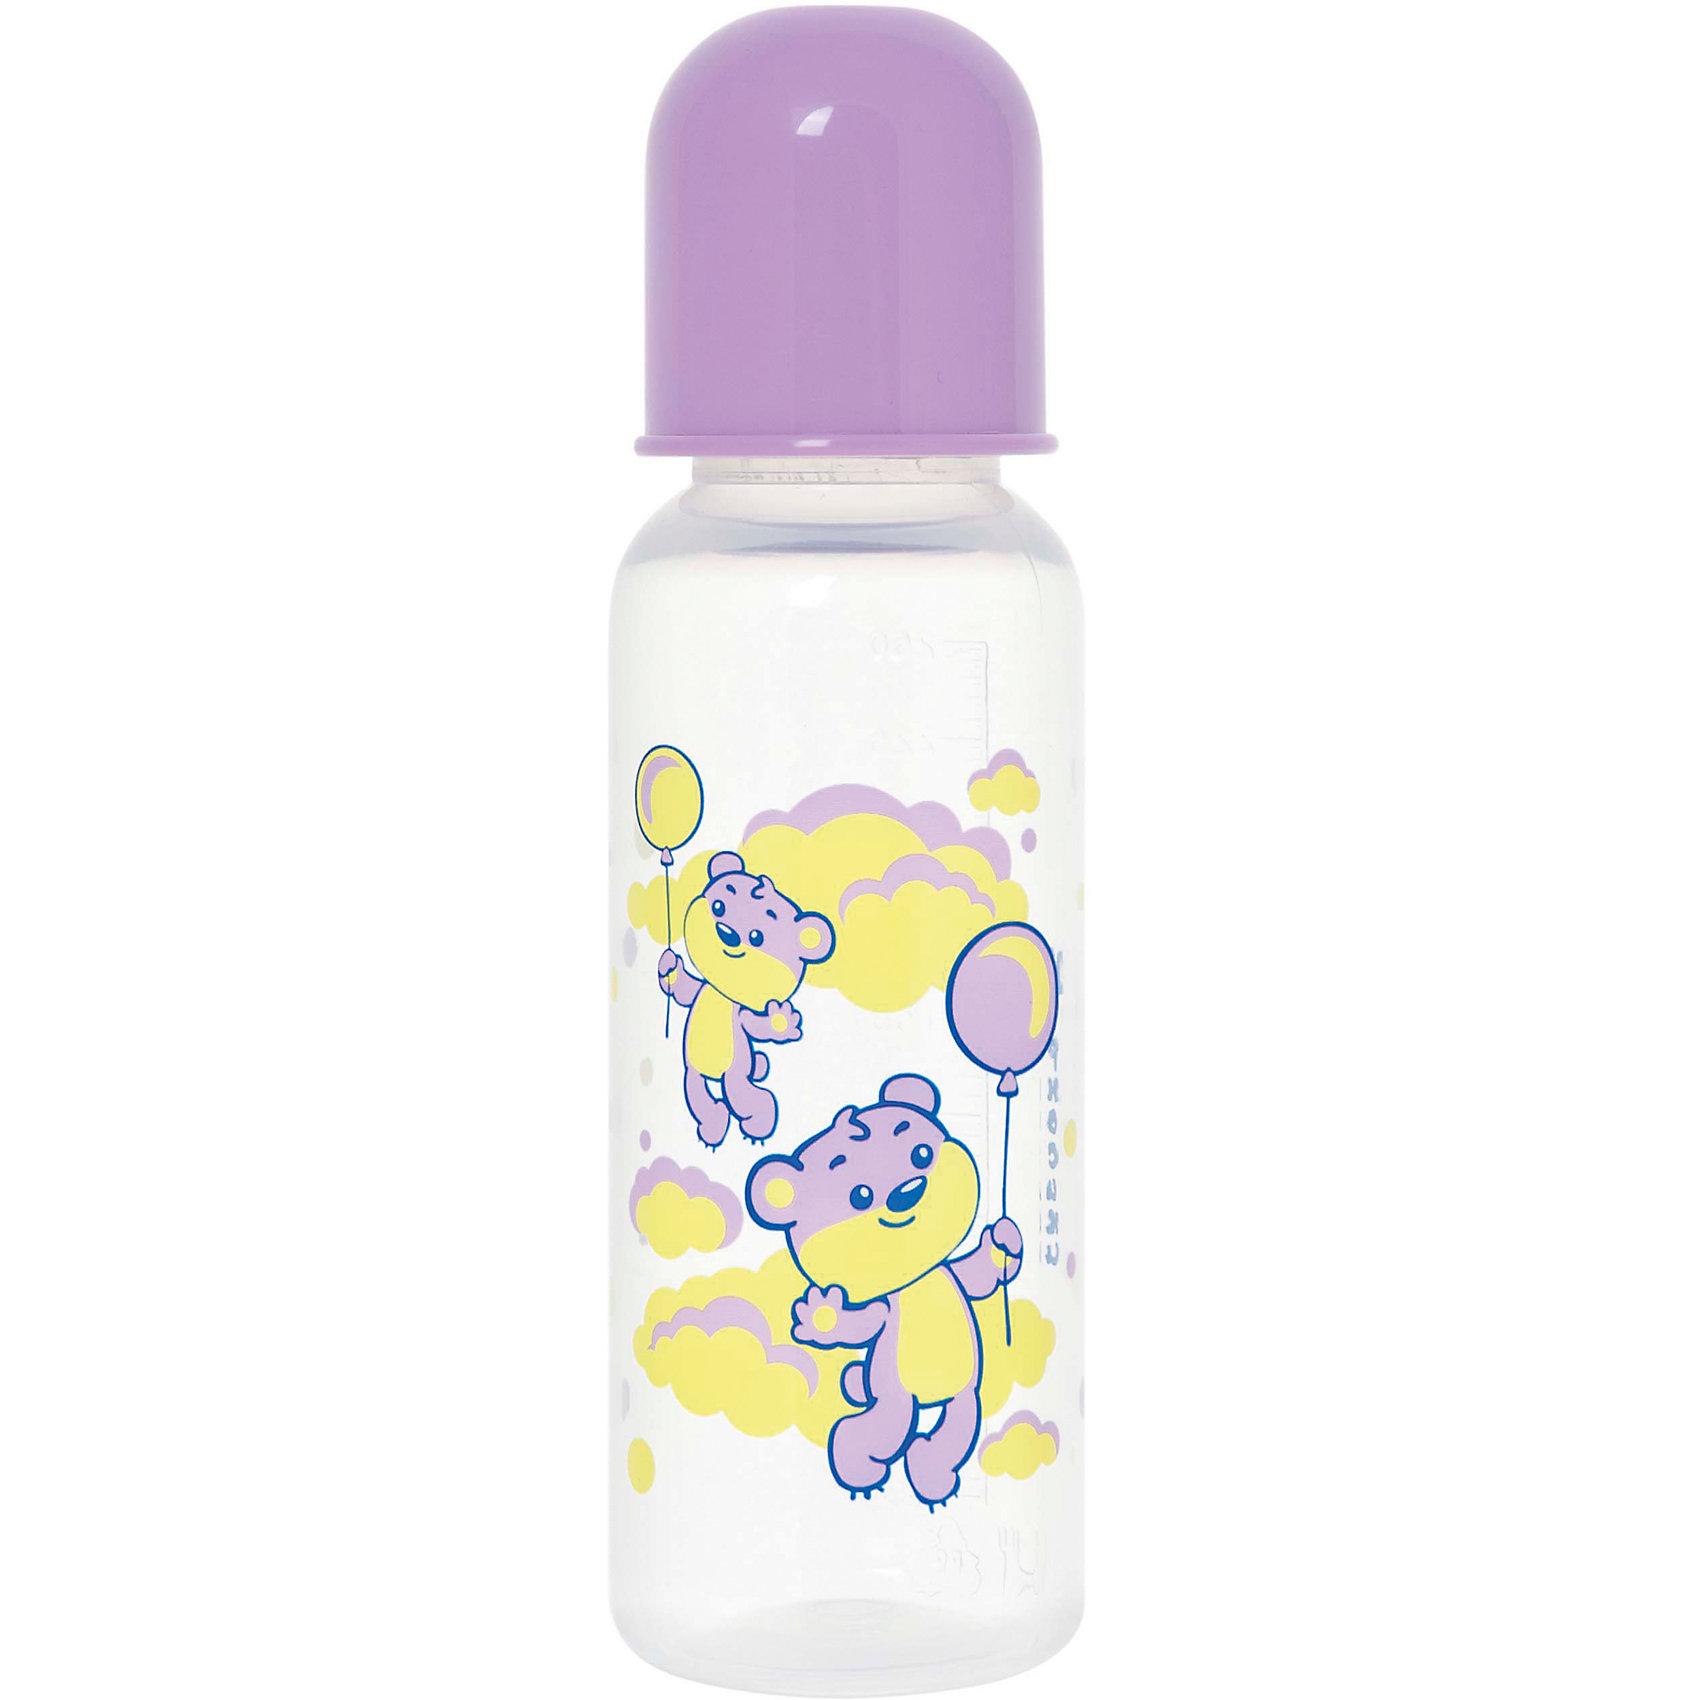 Бутылочка с латексной соской Мои любимые животные, 250 мл, Kurnosiki, фиолетовыйХарактеристики:<br><br>• Наименование: бутылка для кормления<br>• Рекомендуемый возраст: от 0 месяцев<br>• Пол: для девочки<br>• Объем: 250 мл<br>• Материал: латекс, пластик<br>• Цвет: фиолетовый<br>• Серия: Мои любимые животные<br>• Форма соски: классическая<br>• Поток у соски: медленный<br>• Комплектация: бутылочка, соска, колпачок<br>• Эргономичная форма бутылки<br>• Узкое горлышко<br>• Вес: 110 г<br>• Можно использовать в СВЧ и посудомоечной машине<br>• Особенности ухода: регулярная стерилизация и своевременная замена соски<br><br>Бутылочка с латексной соской Мои любимые животные, 250 мл, Kurnosiki, желтый выполнена из прочного и жароустойчивого пластика, на котором не появляются царапины и сколы. У бутылочки узкое горлышко. Форма – эргономическая, ее удобно держать в руках малышу. Латексная соска классической формы длительное время сохраняет свои свойства: не рассасывается и не меняет форму. <br><br>Изделие выполнено в брендовом дизайне: на бутылочку нанесено изображение одного из героев серии – тигренка. Рисунок устойчив к выцветанию и истиранию. Бутылочка с латексной соской Мои любимые животные, 250 мл, Kurnosiki, желтый – это практичный и стильный предмет для кормления малыша!<br><br>Бутылочку с латексной соской Мои любимые животные, 250 мл, Kurnosiki, желтый можно купить в нашем интернет-магазине.<br><br>Ширина мм: 60<br>Глубина мм: 80<br>Высота мм: 210<br>Вес г: 78<br>Возраст от месяцев: 0<br>Возраст до месяцев: 18<br>Пол: Женский<br>Возраст: Детский<br>SKU: 5428776